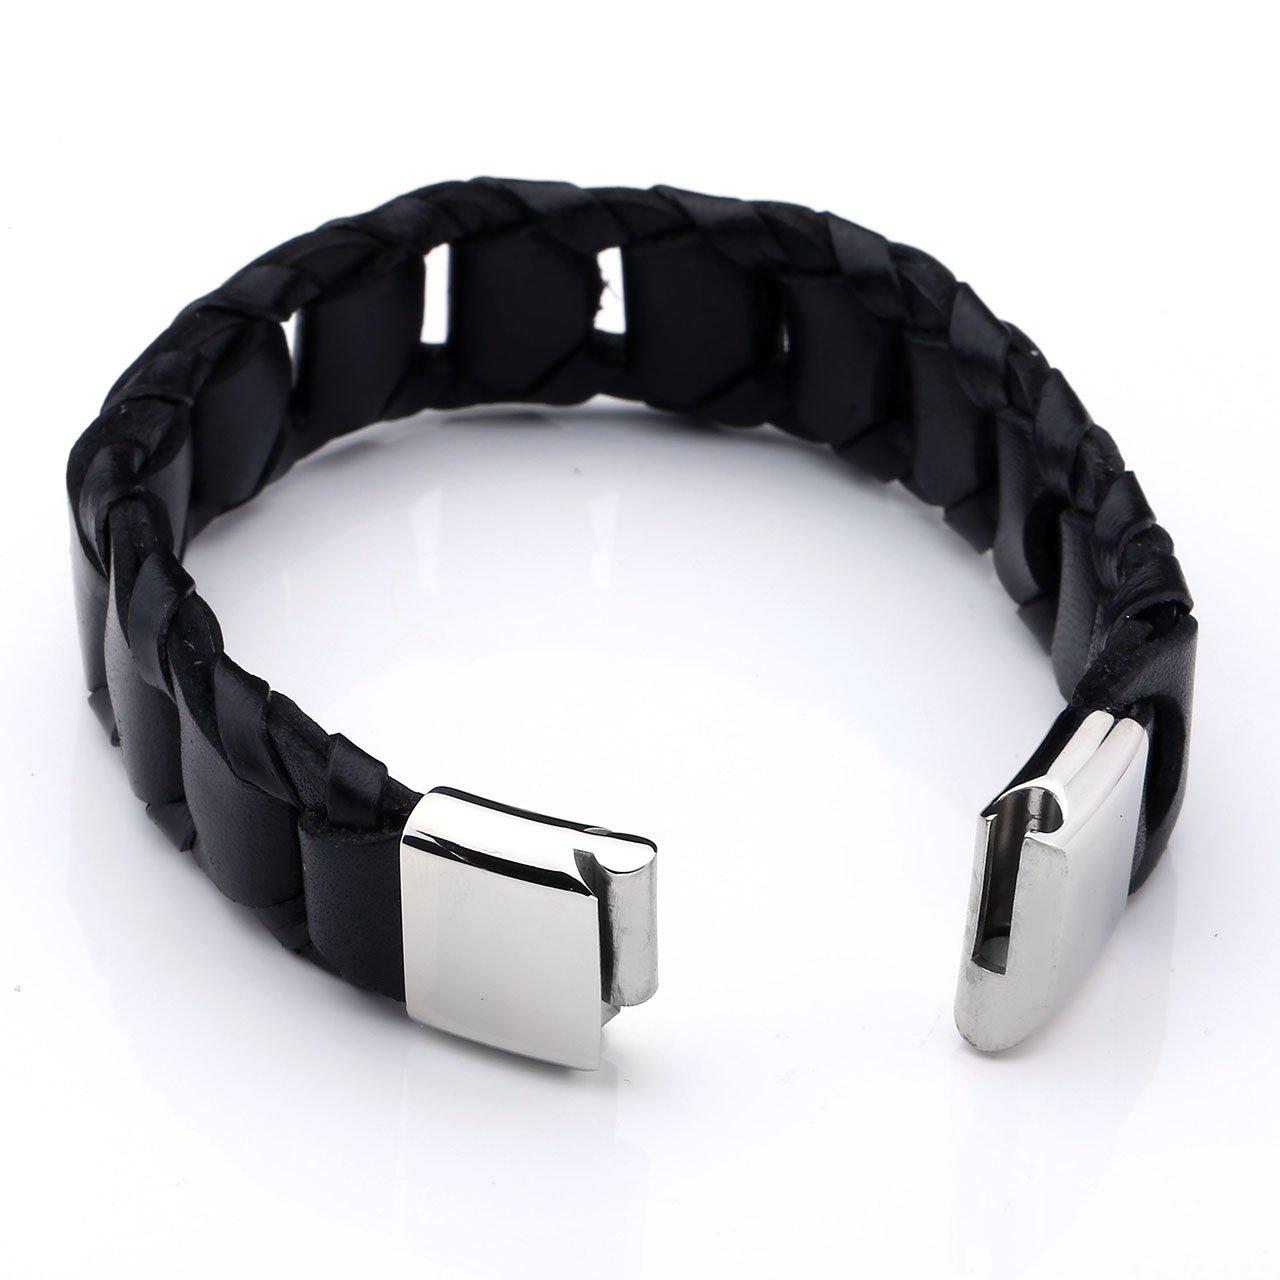 PiercingJ - Bijoux Bracelet Leather Cuir Veritable Large Tresse Coupe Croise avec Fermoir Acier Inoxydable Lien Poignet Manchette Biker Motard Chaine de Main Femme Homme - Noir